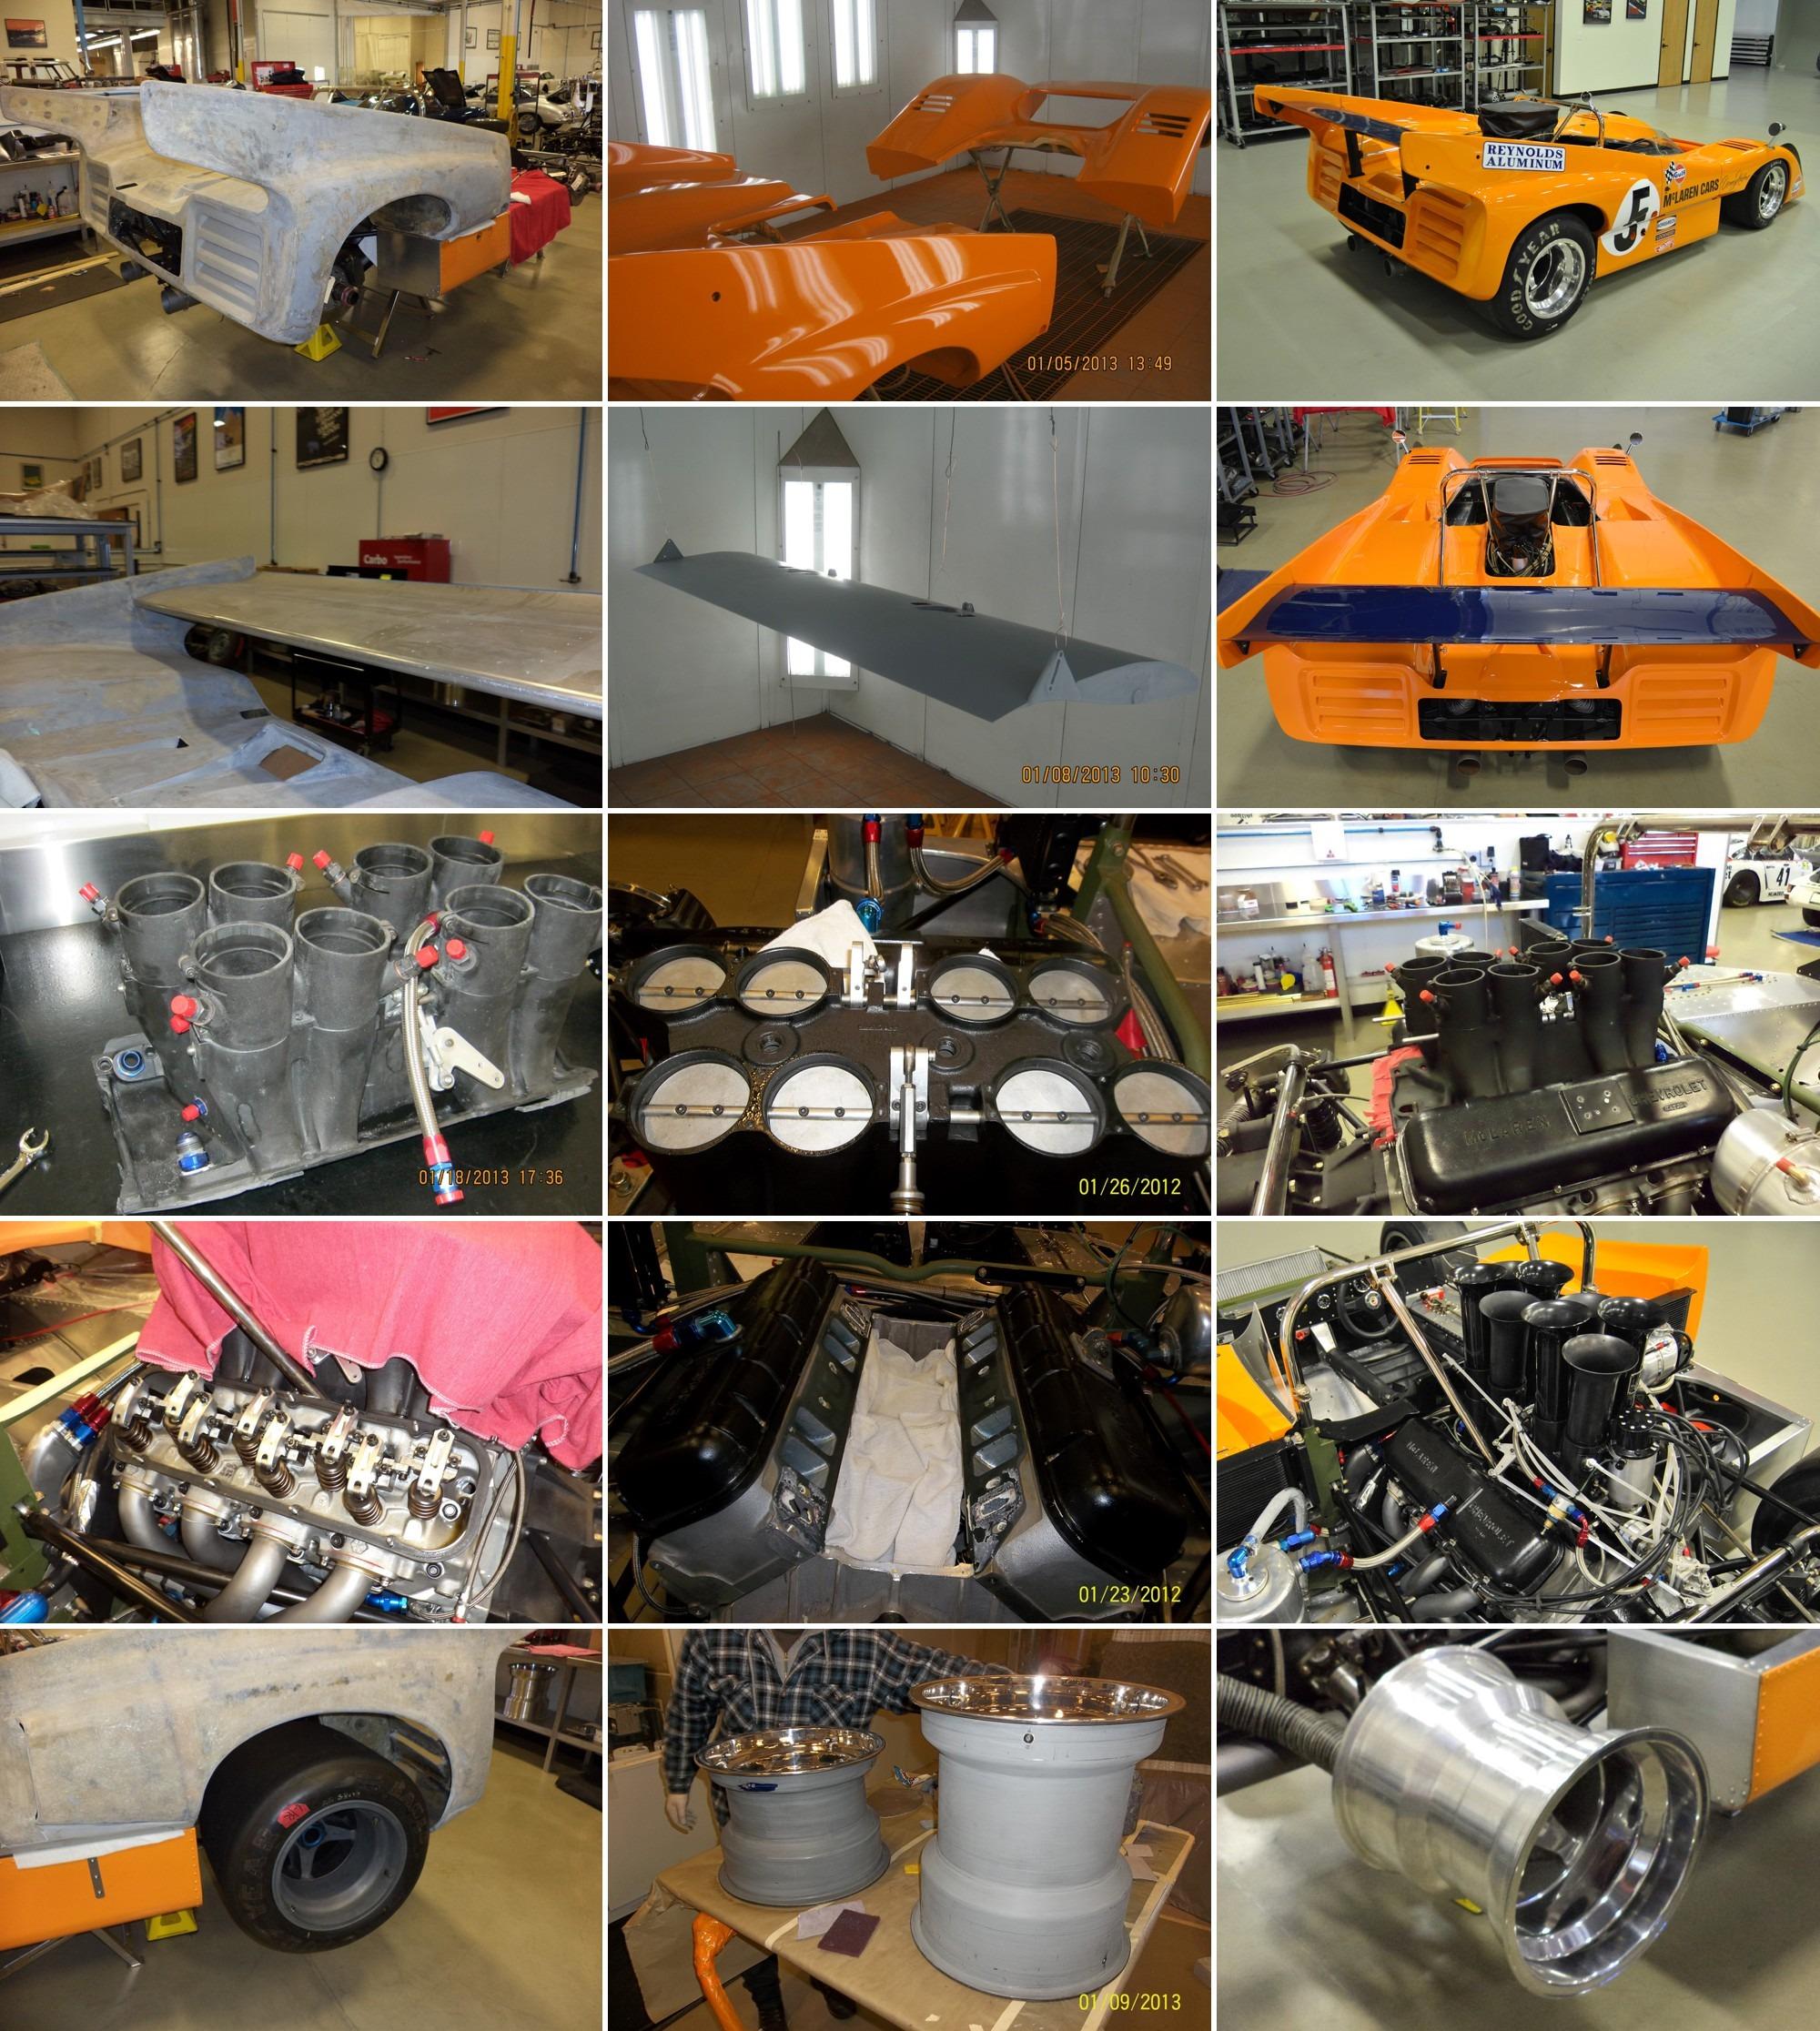 McLaren M8D restoration gallery